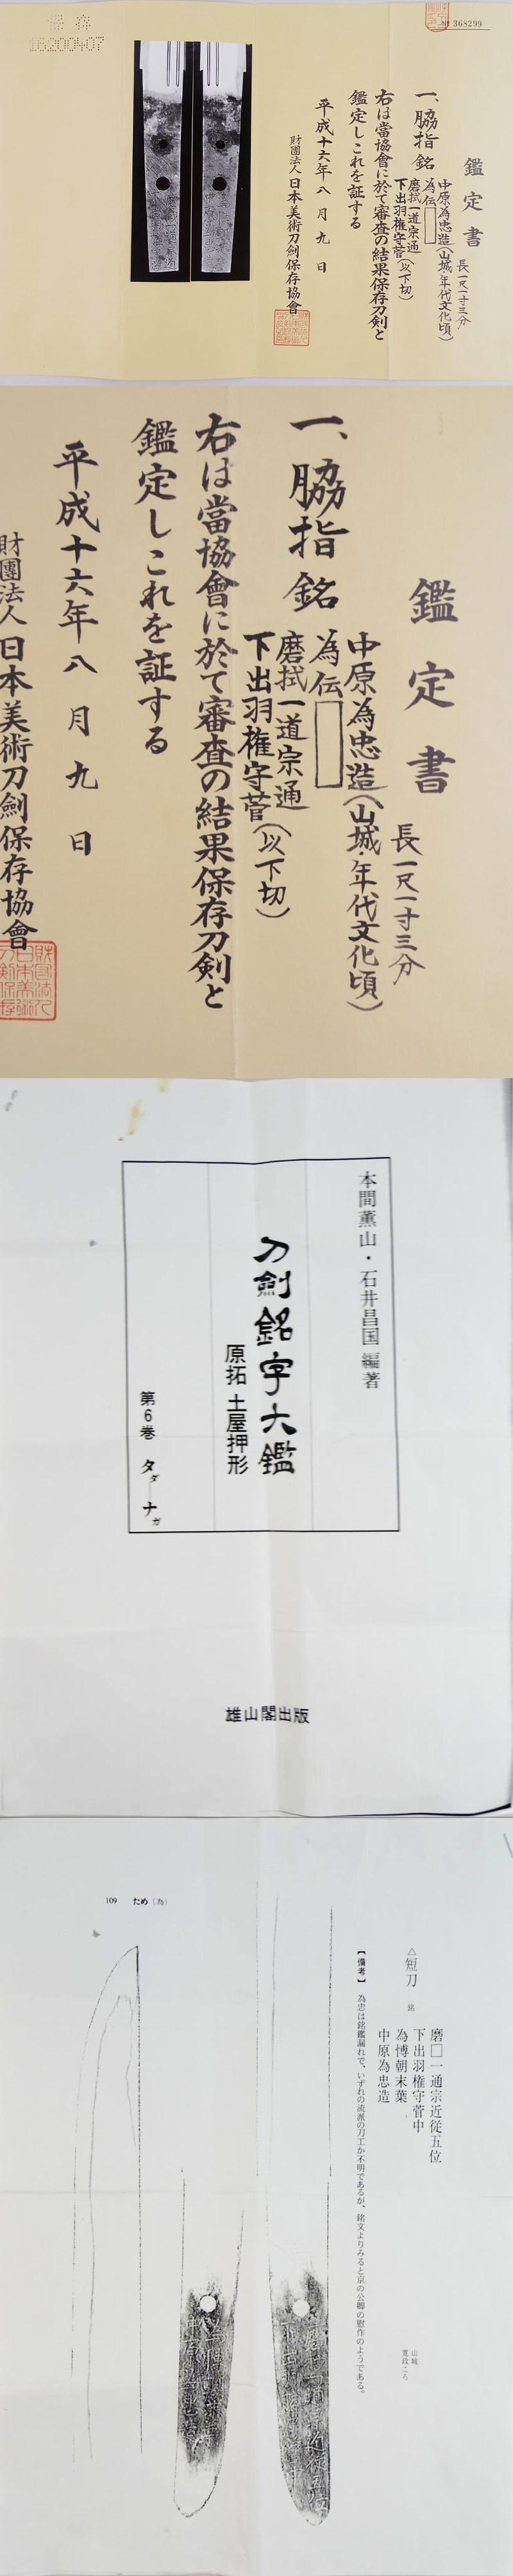 脇差 中原為忠造(山城・年代文化頃)為伝 磨拭一道宗通 下出羽権守菅 Picture of Certificate